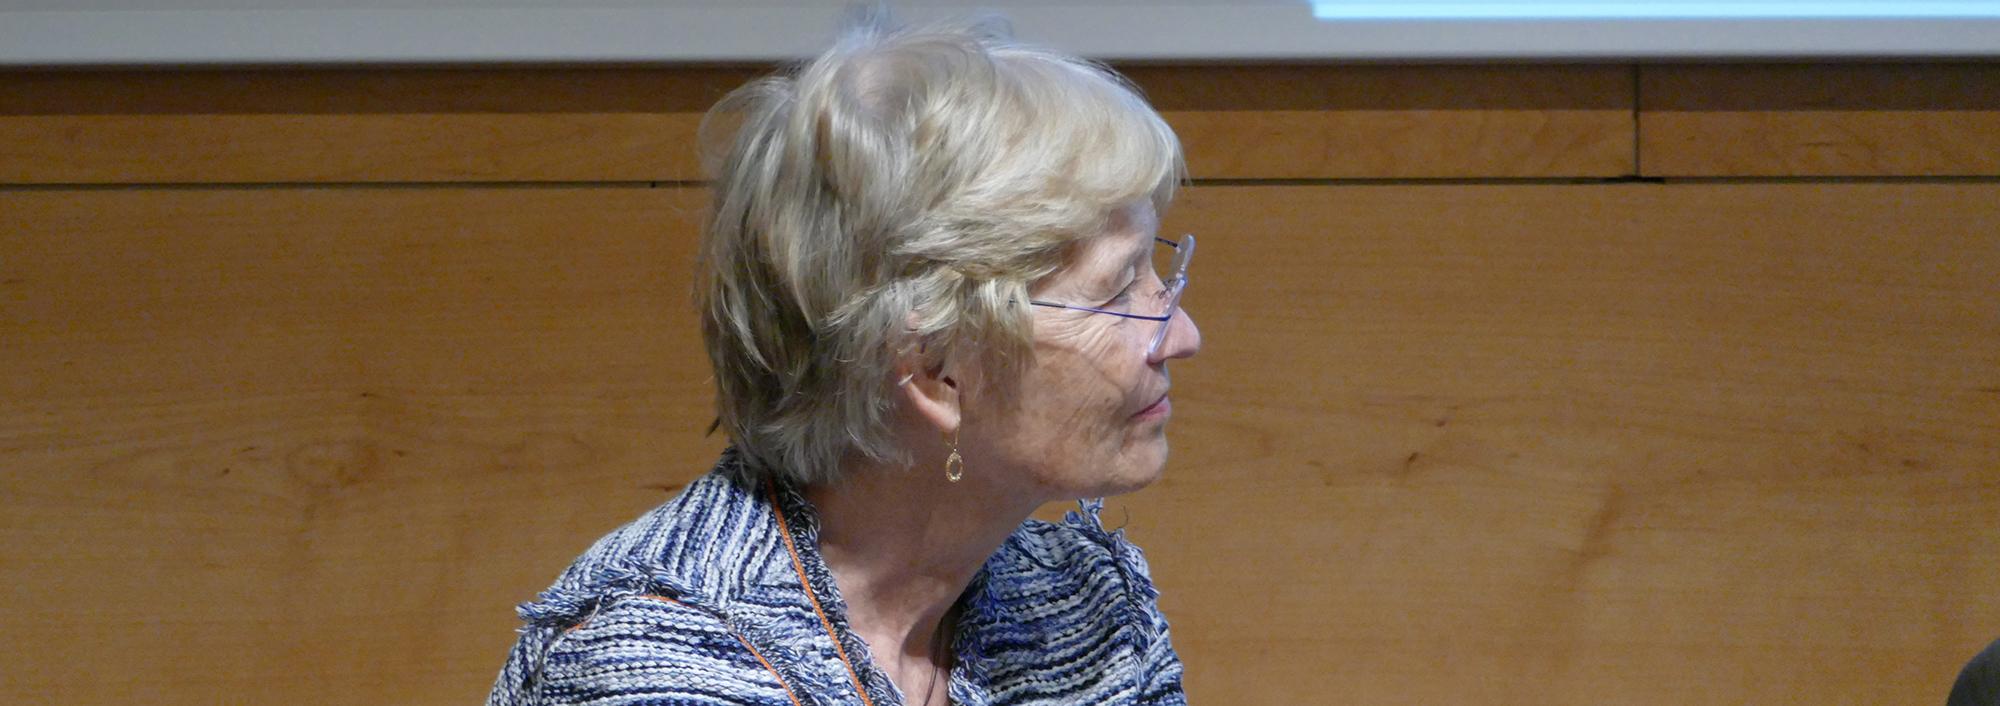 Susan Webb, presidenta de la Comissió Assessora de Malalties Minoritàries a Catalunya , catedràtica de la UAB i subdirectora científica del Centre d'Investigació Biomèdica en Xarxa de Malalties Rares (CIBERER).